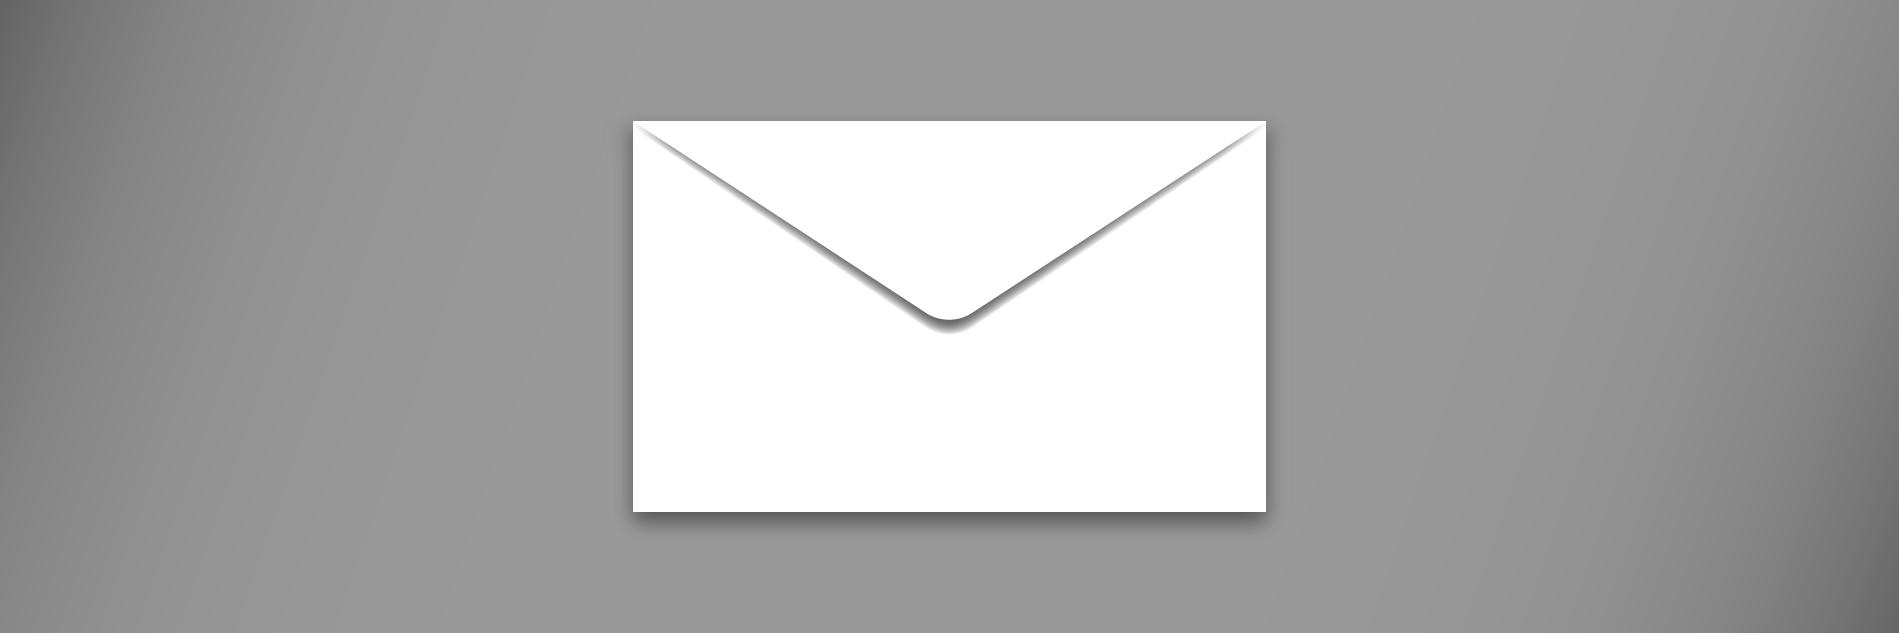 大事なメールをメルマガや迷惑メールに埋れさせない方法